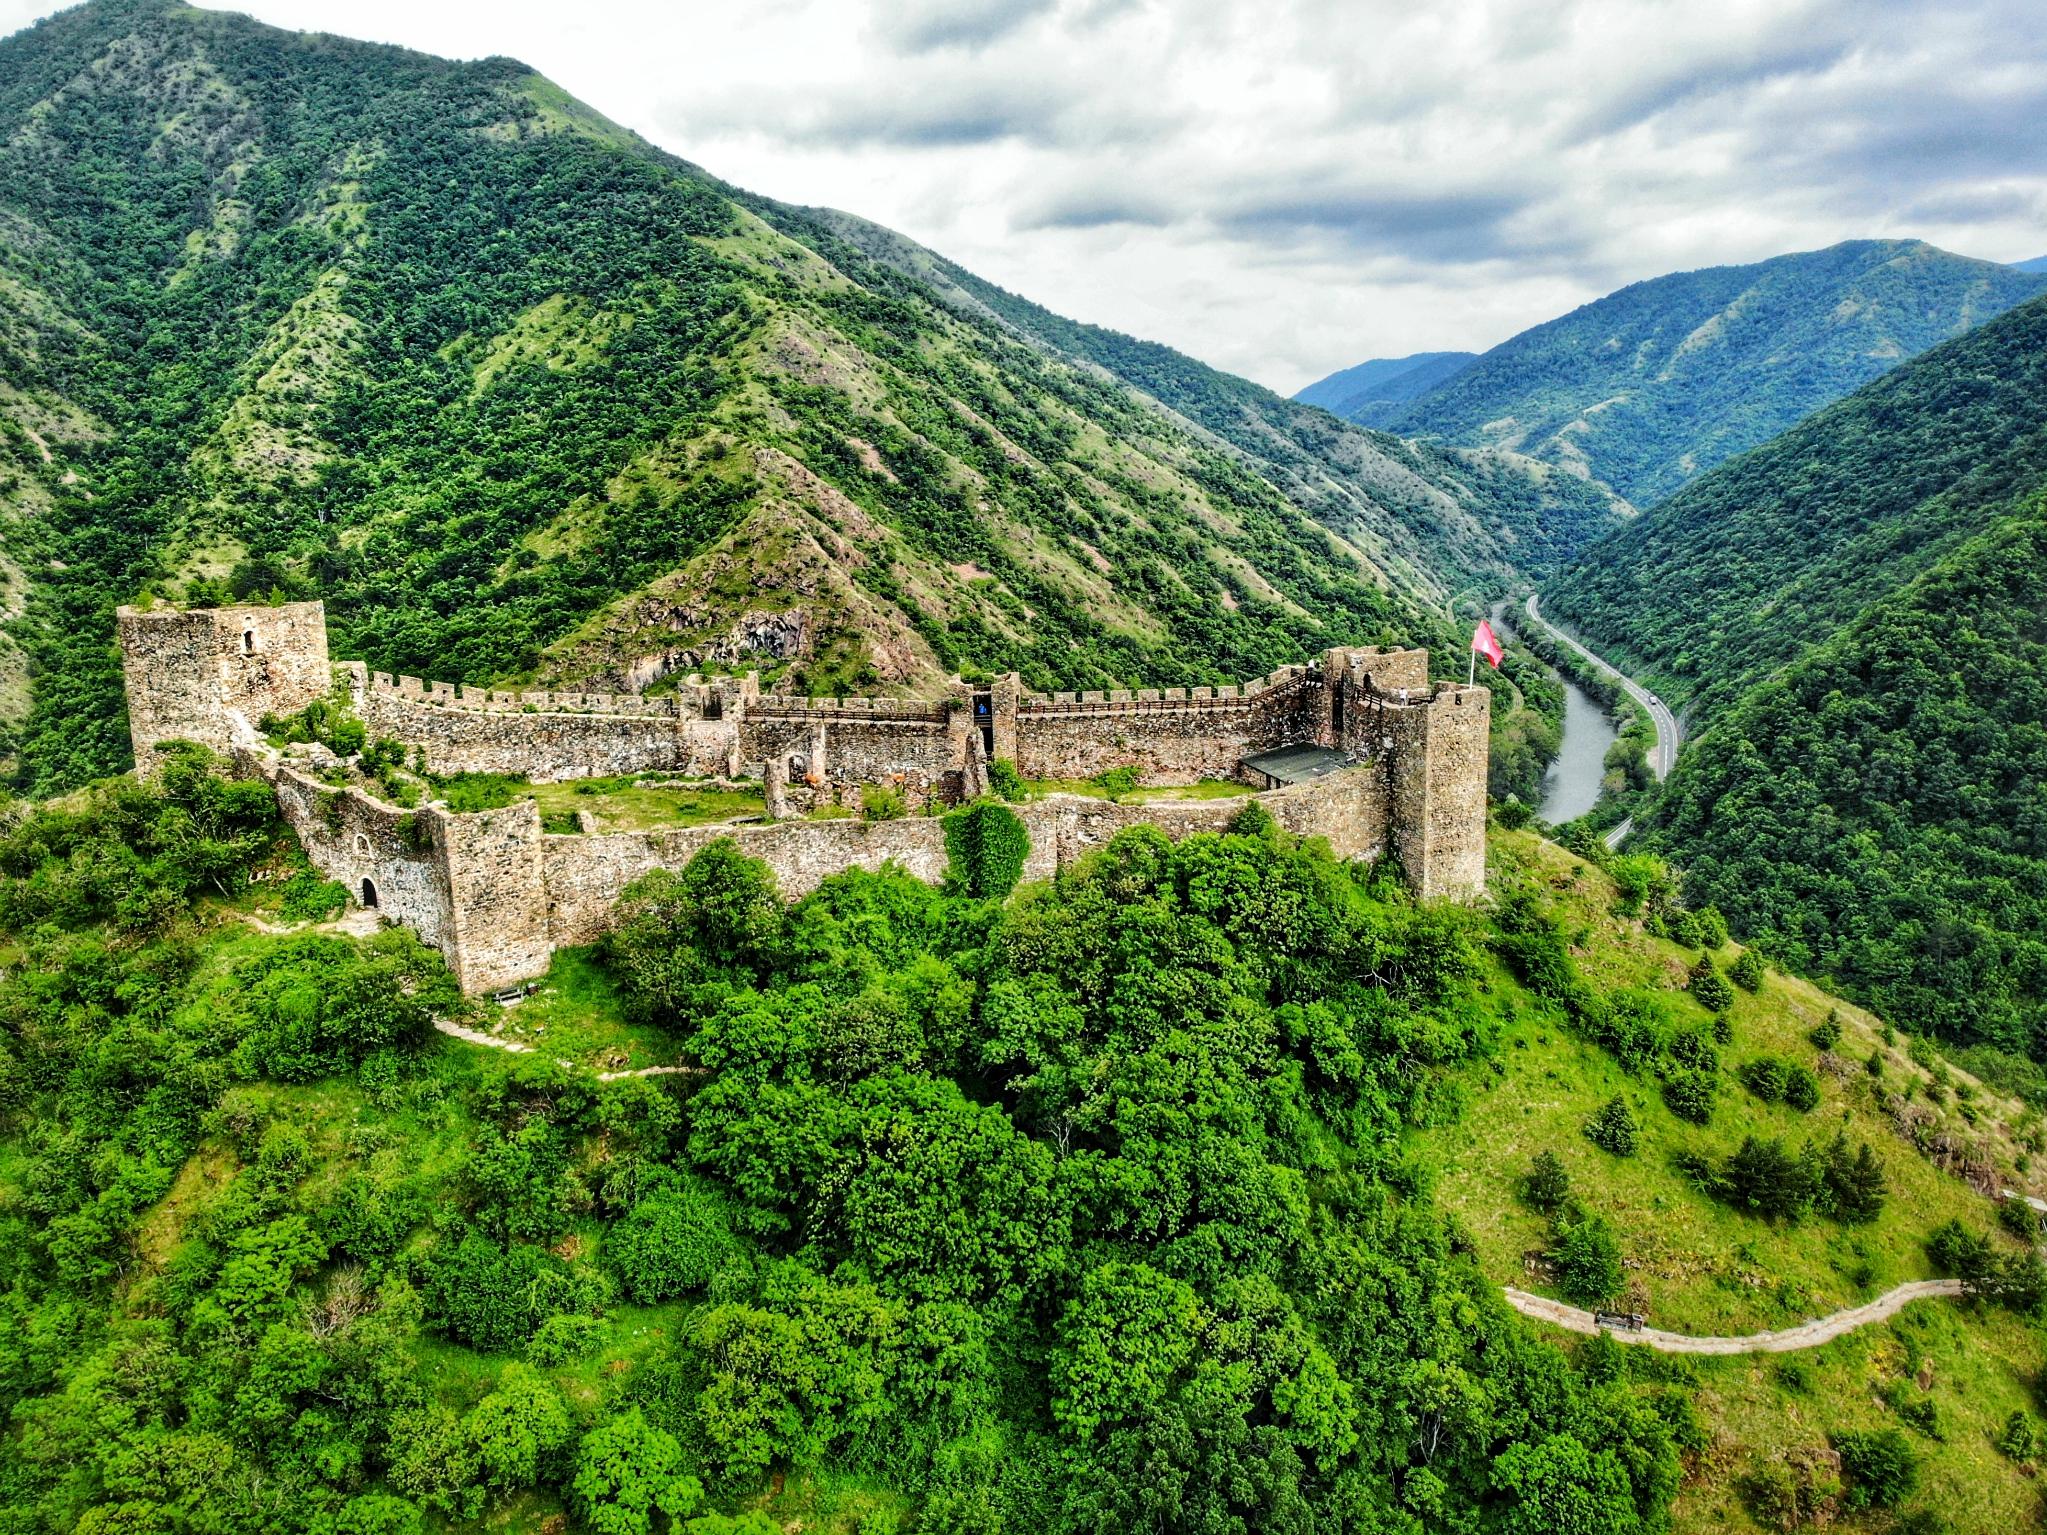 """【首发】巴尔干寻""""堡""""之旅:塞尔维亚、波黑、黑山不为人知的秘境"""